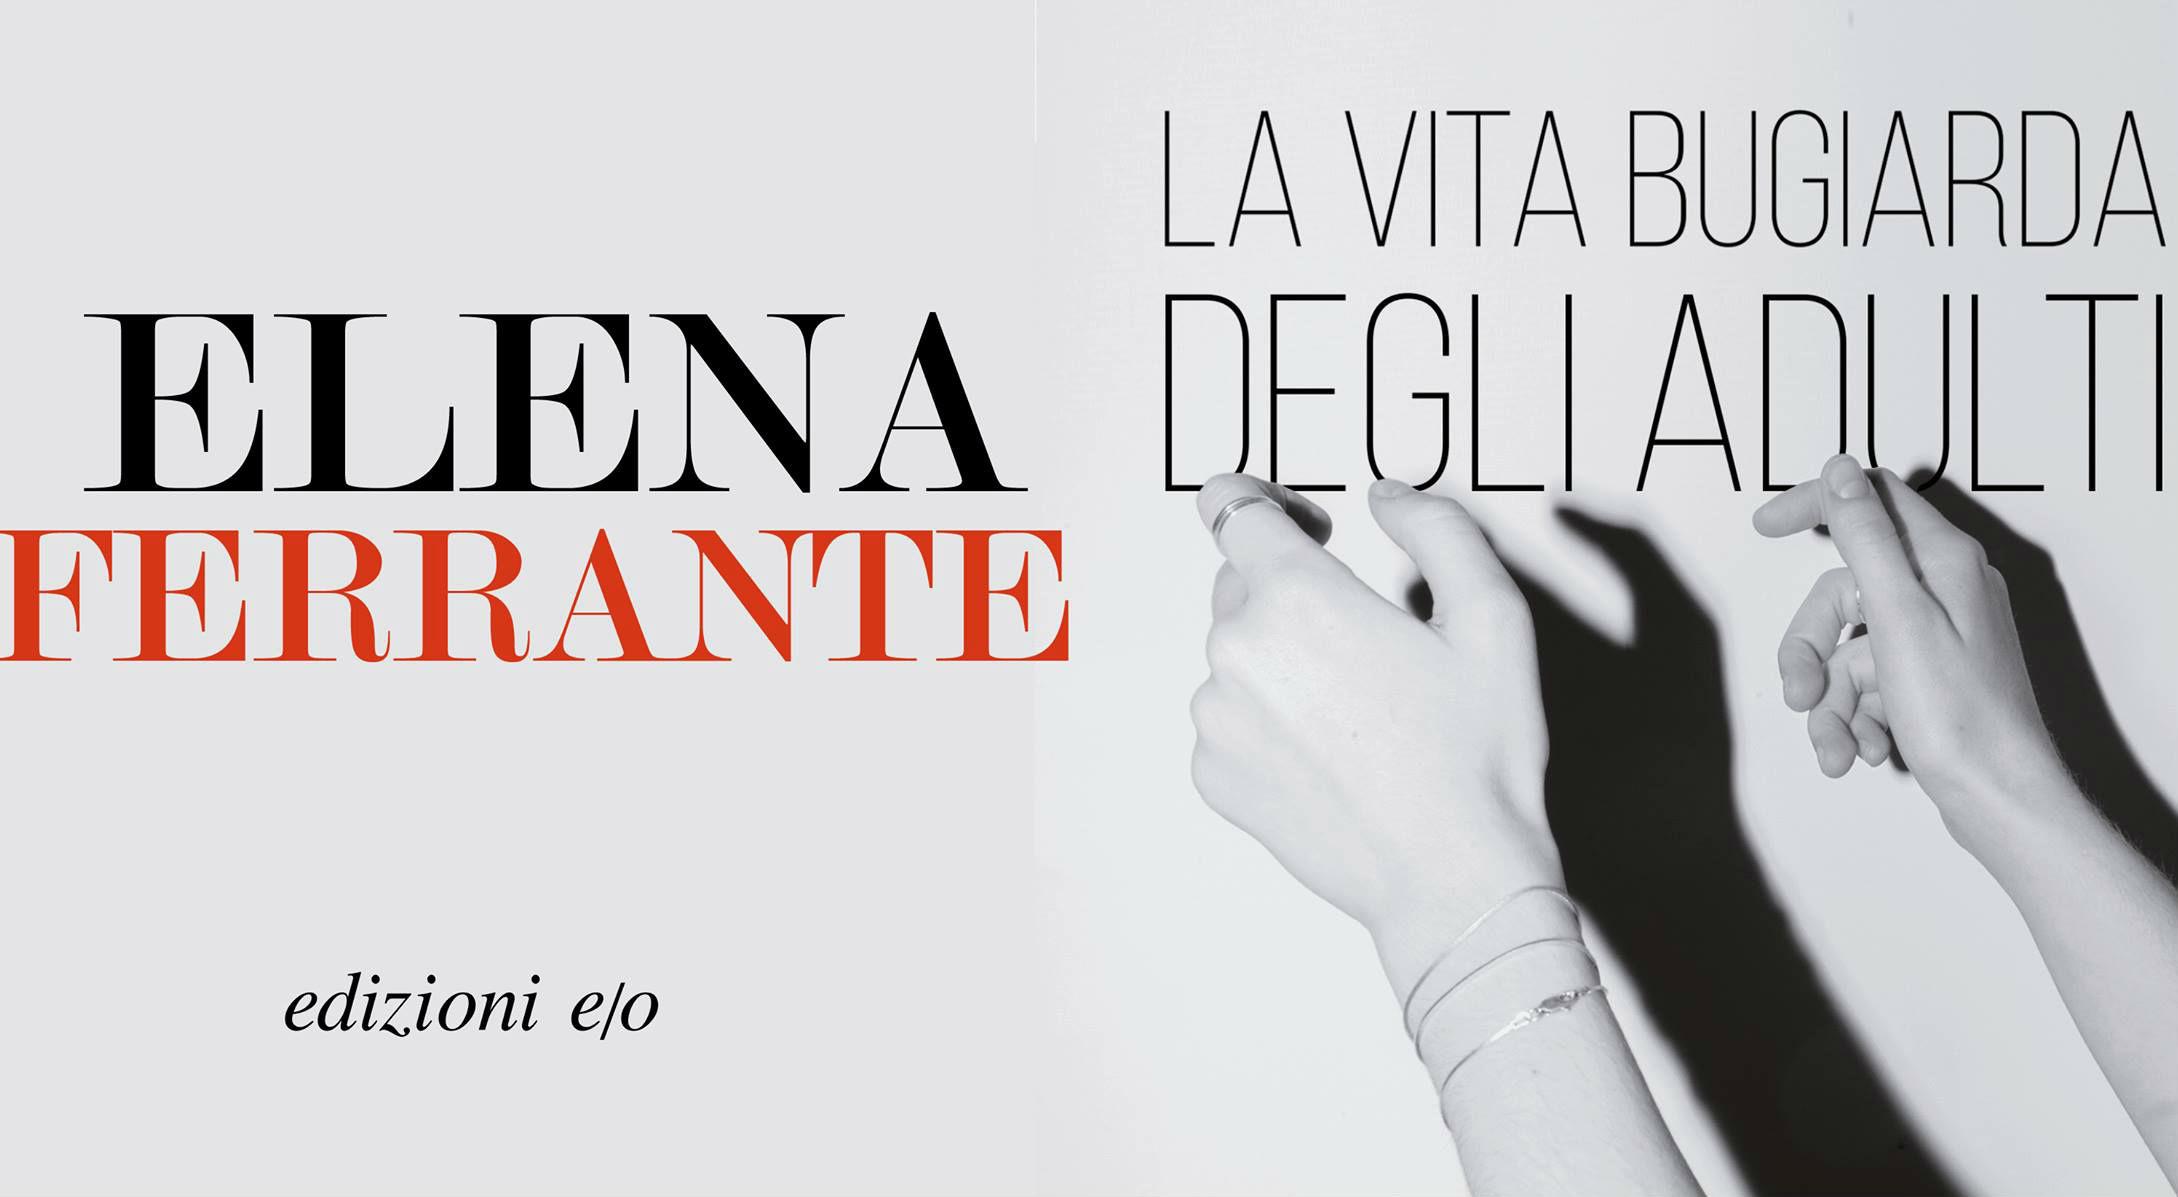 La vita bugiarda degli adulti, recensione del libro di Elena Ferrante